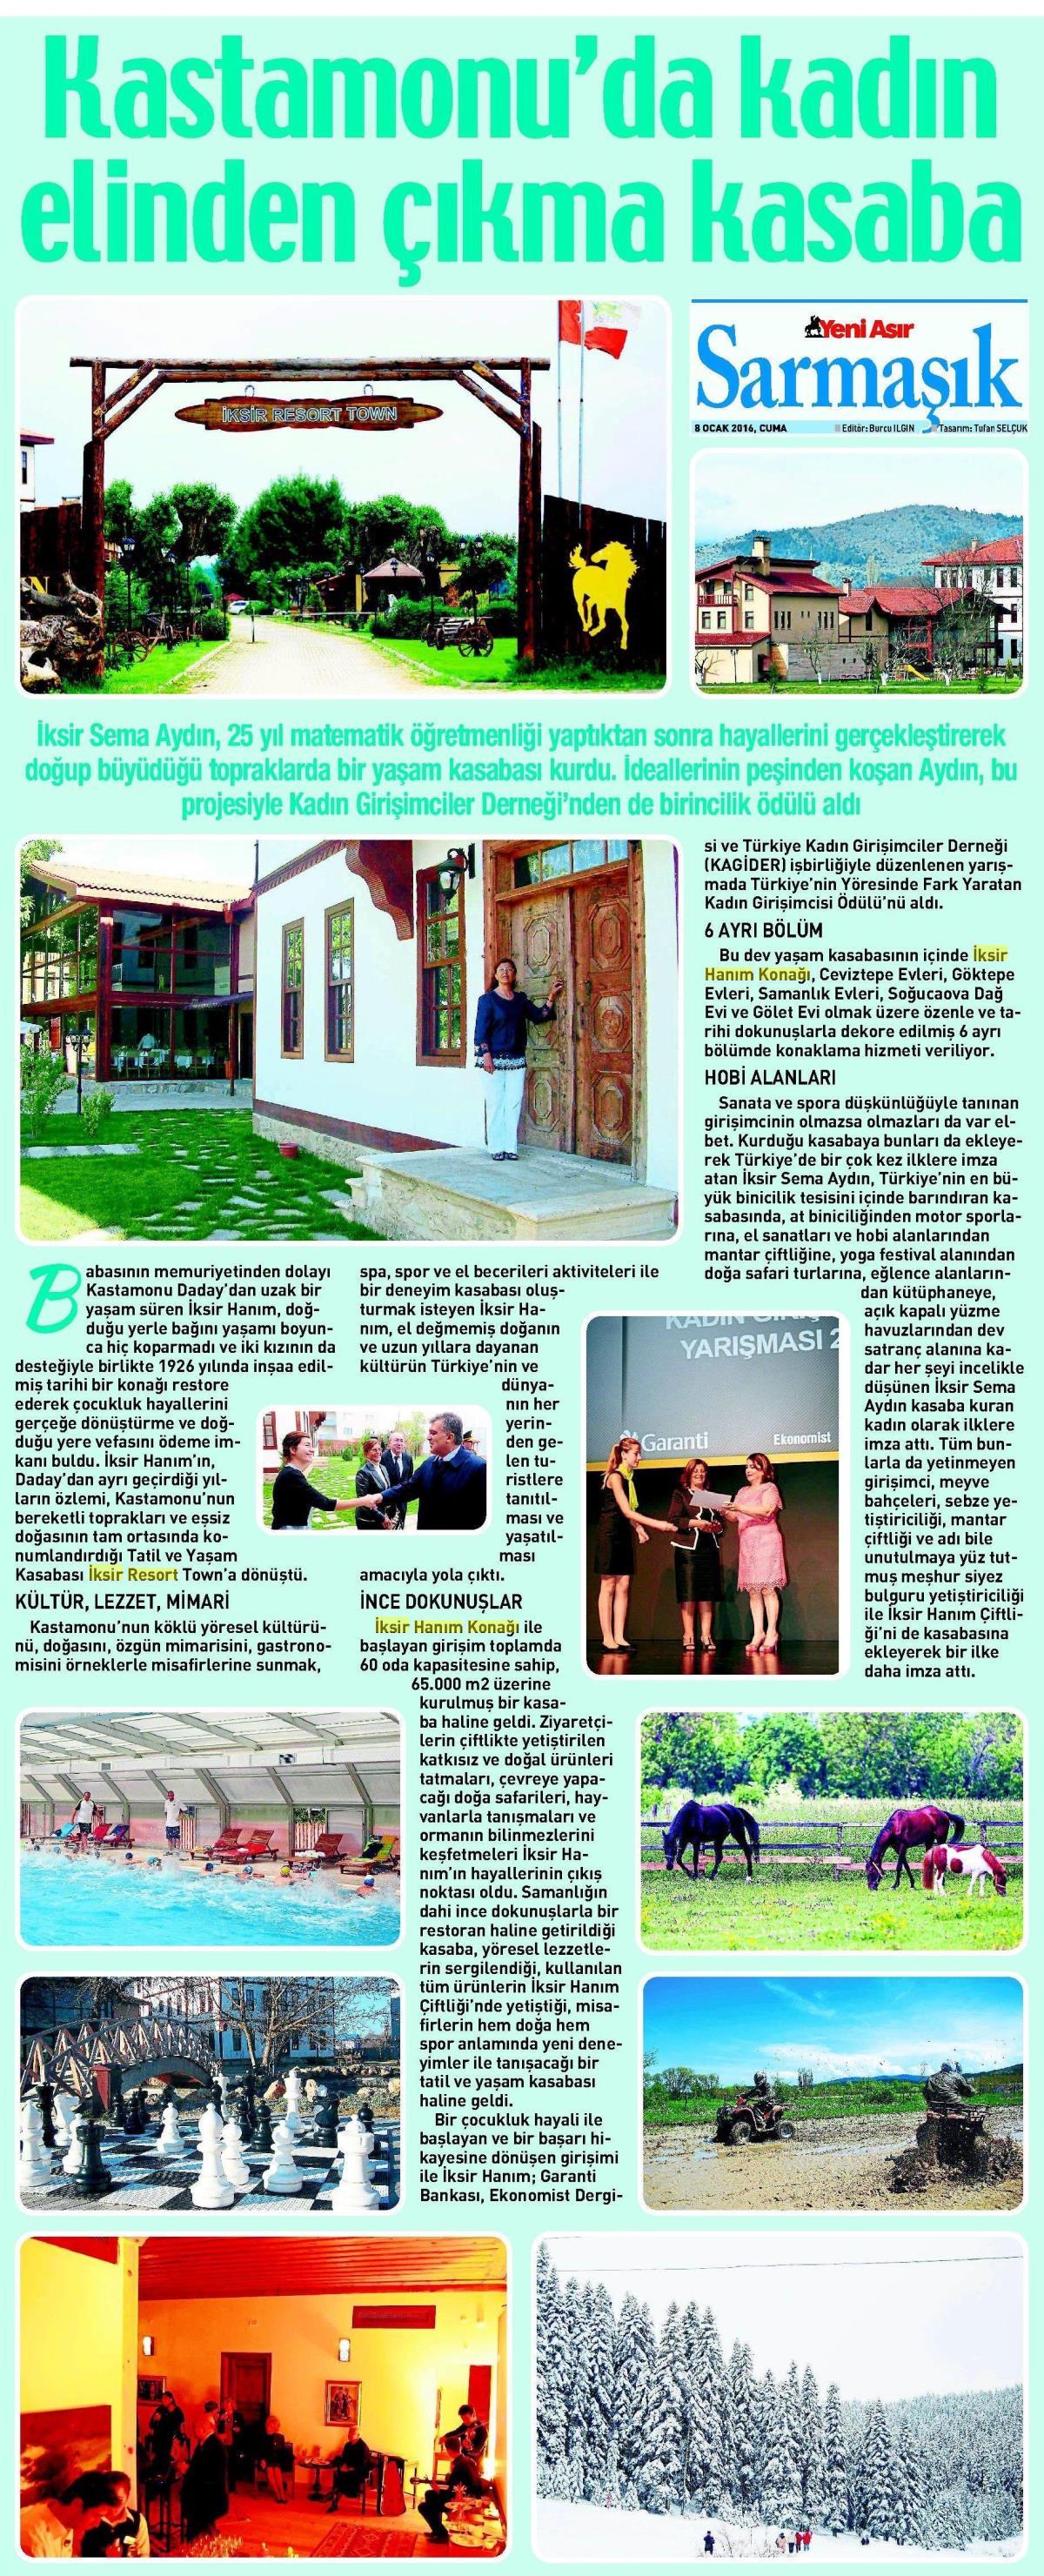 Yeni Asır Gazetesi – 8 Ocak 2016